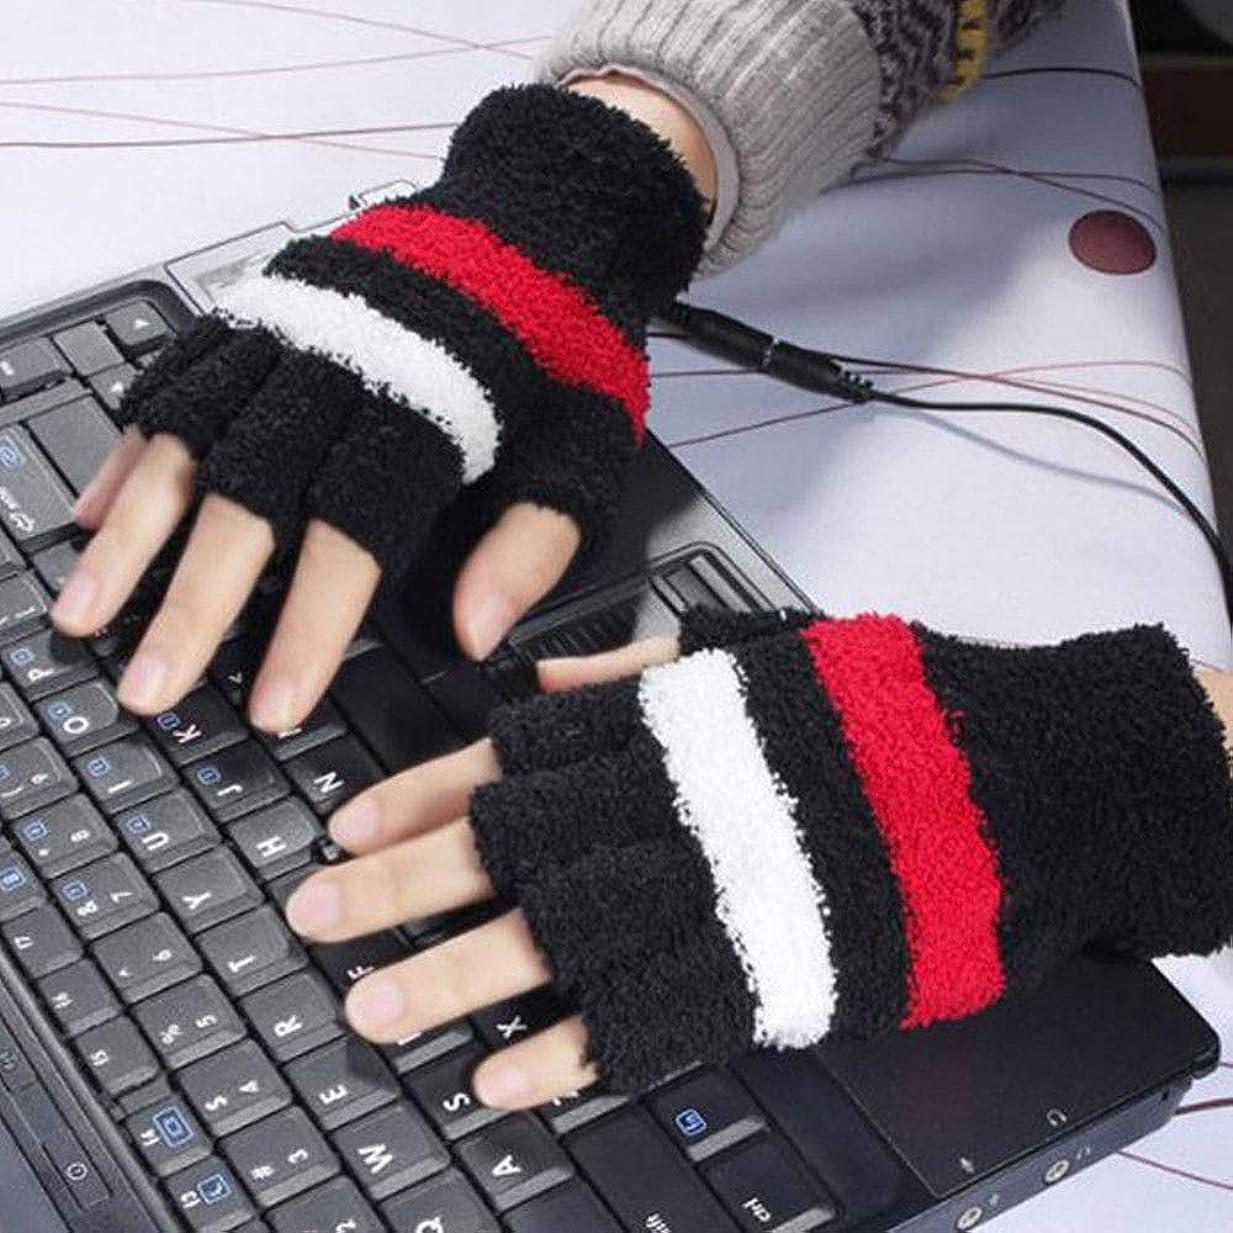 パーティー冗長キルスNiceou 暖房手袋 USB手袋 キャンプ キーボード フィンガーレス ユニセックス